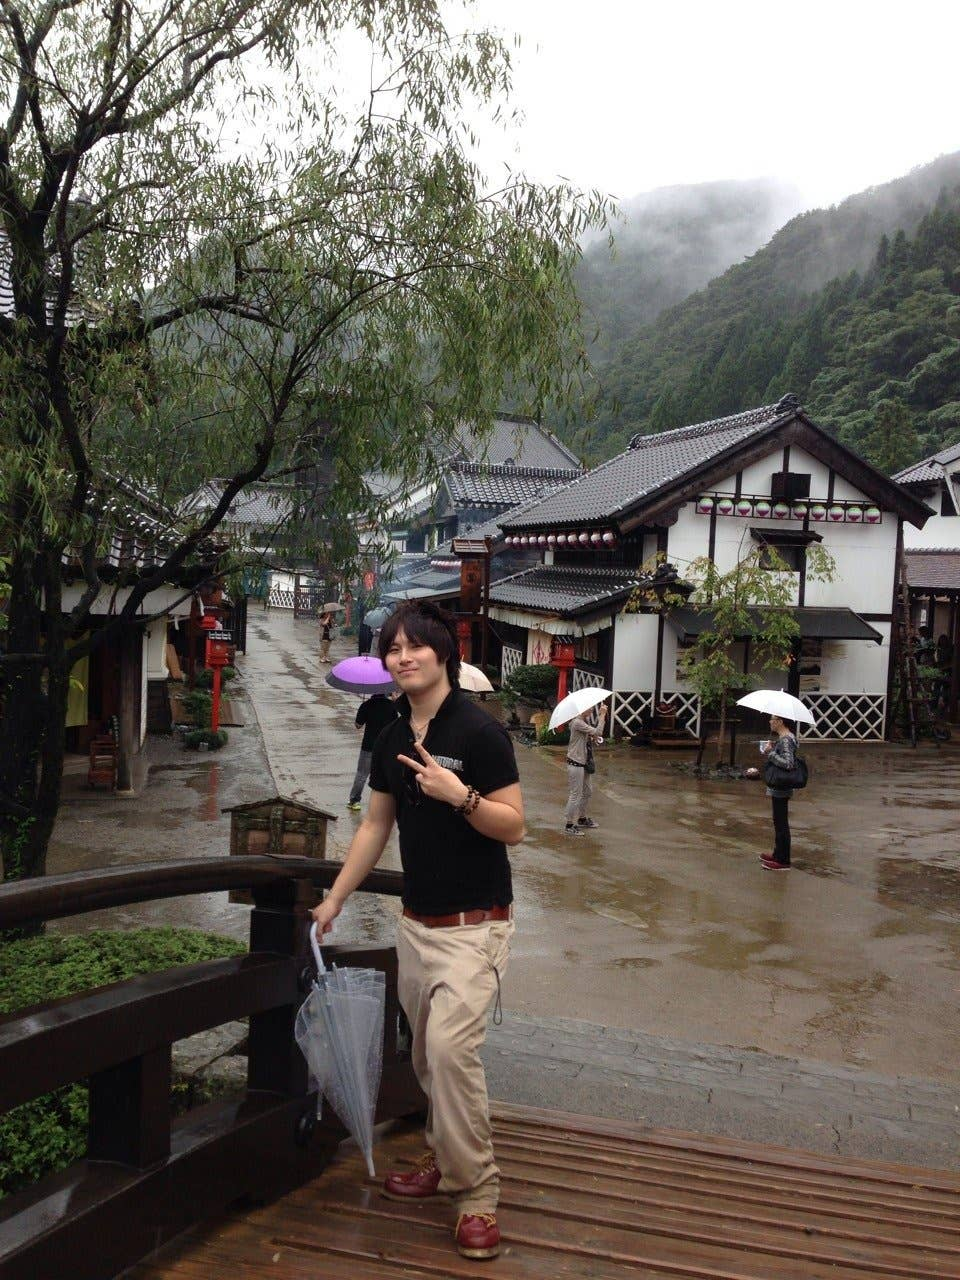 Koki kumakura